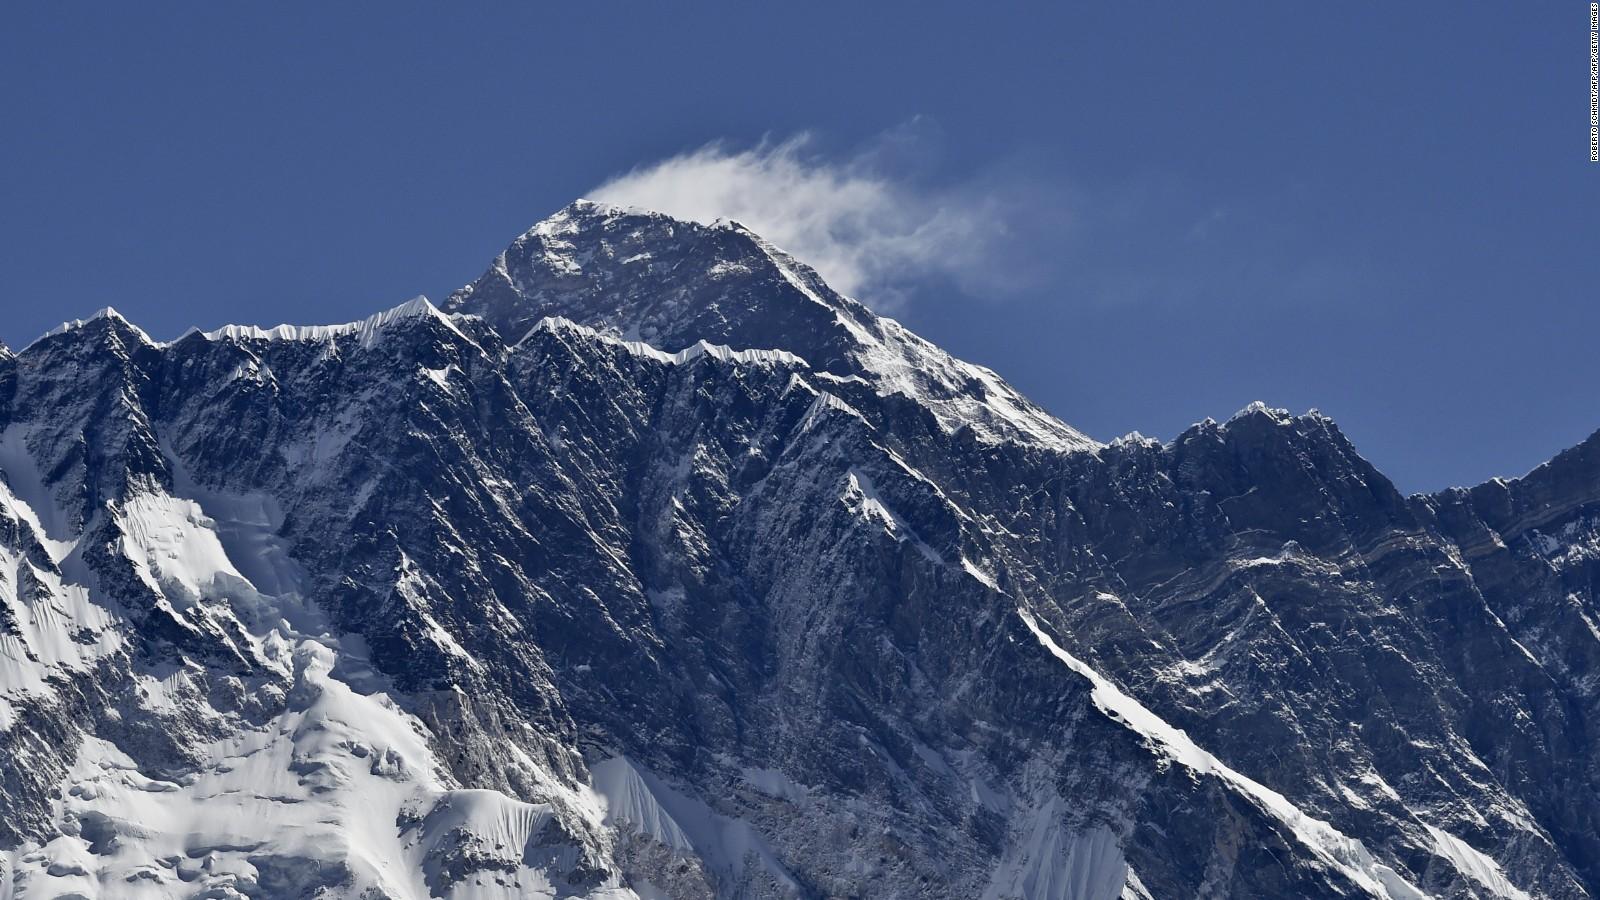 Coronavirus – Nepalul interzice accesul pe Everest şi suspendă vizele turistice